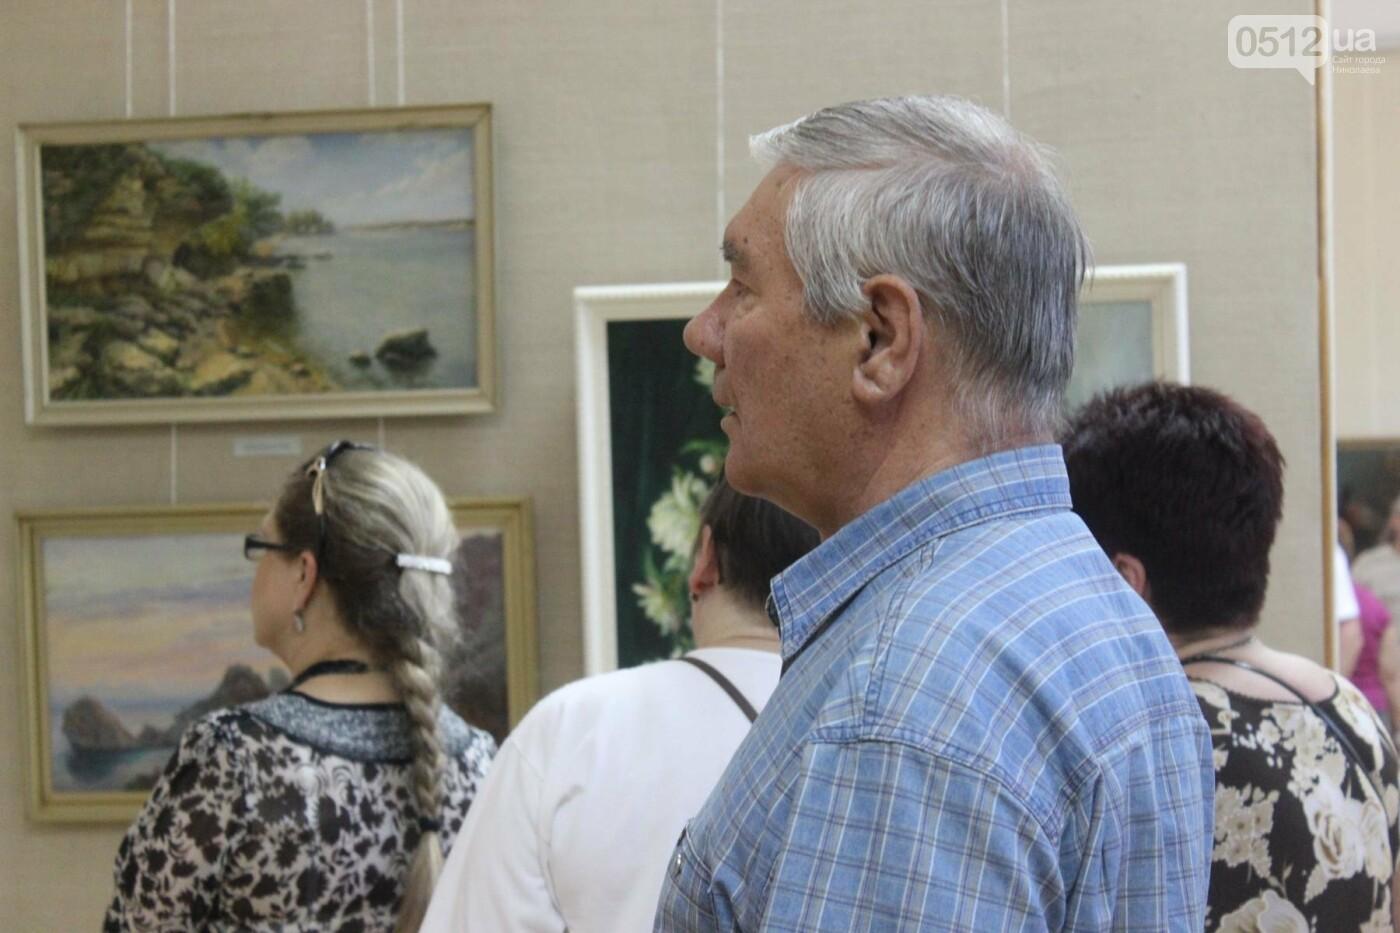 Николаевская художница Светлана Завтура презентовала свою юбилейную выставку, - ФОТО, фото-11